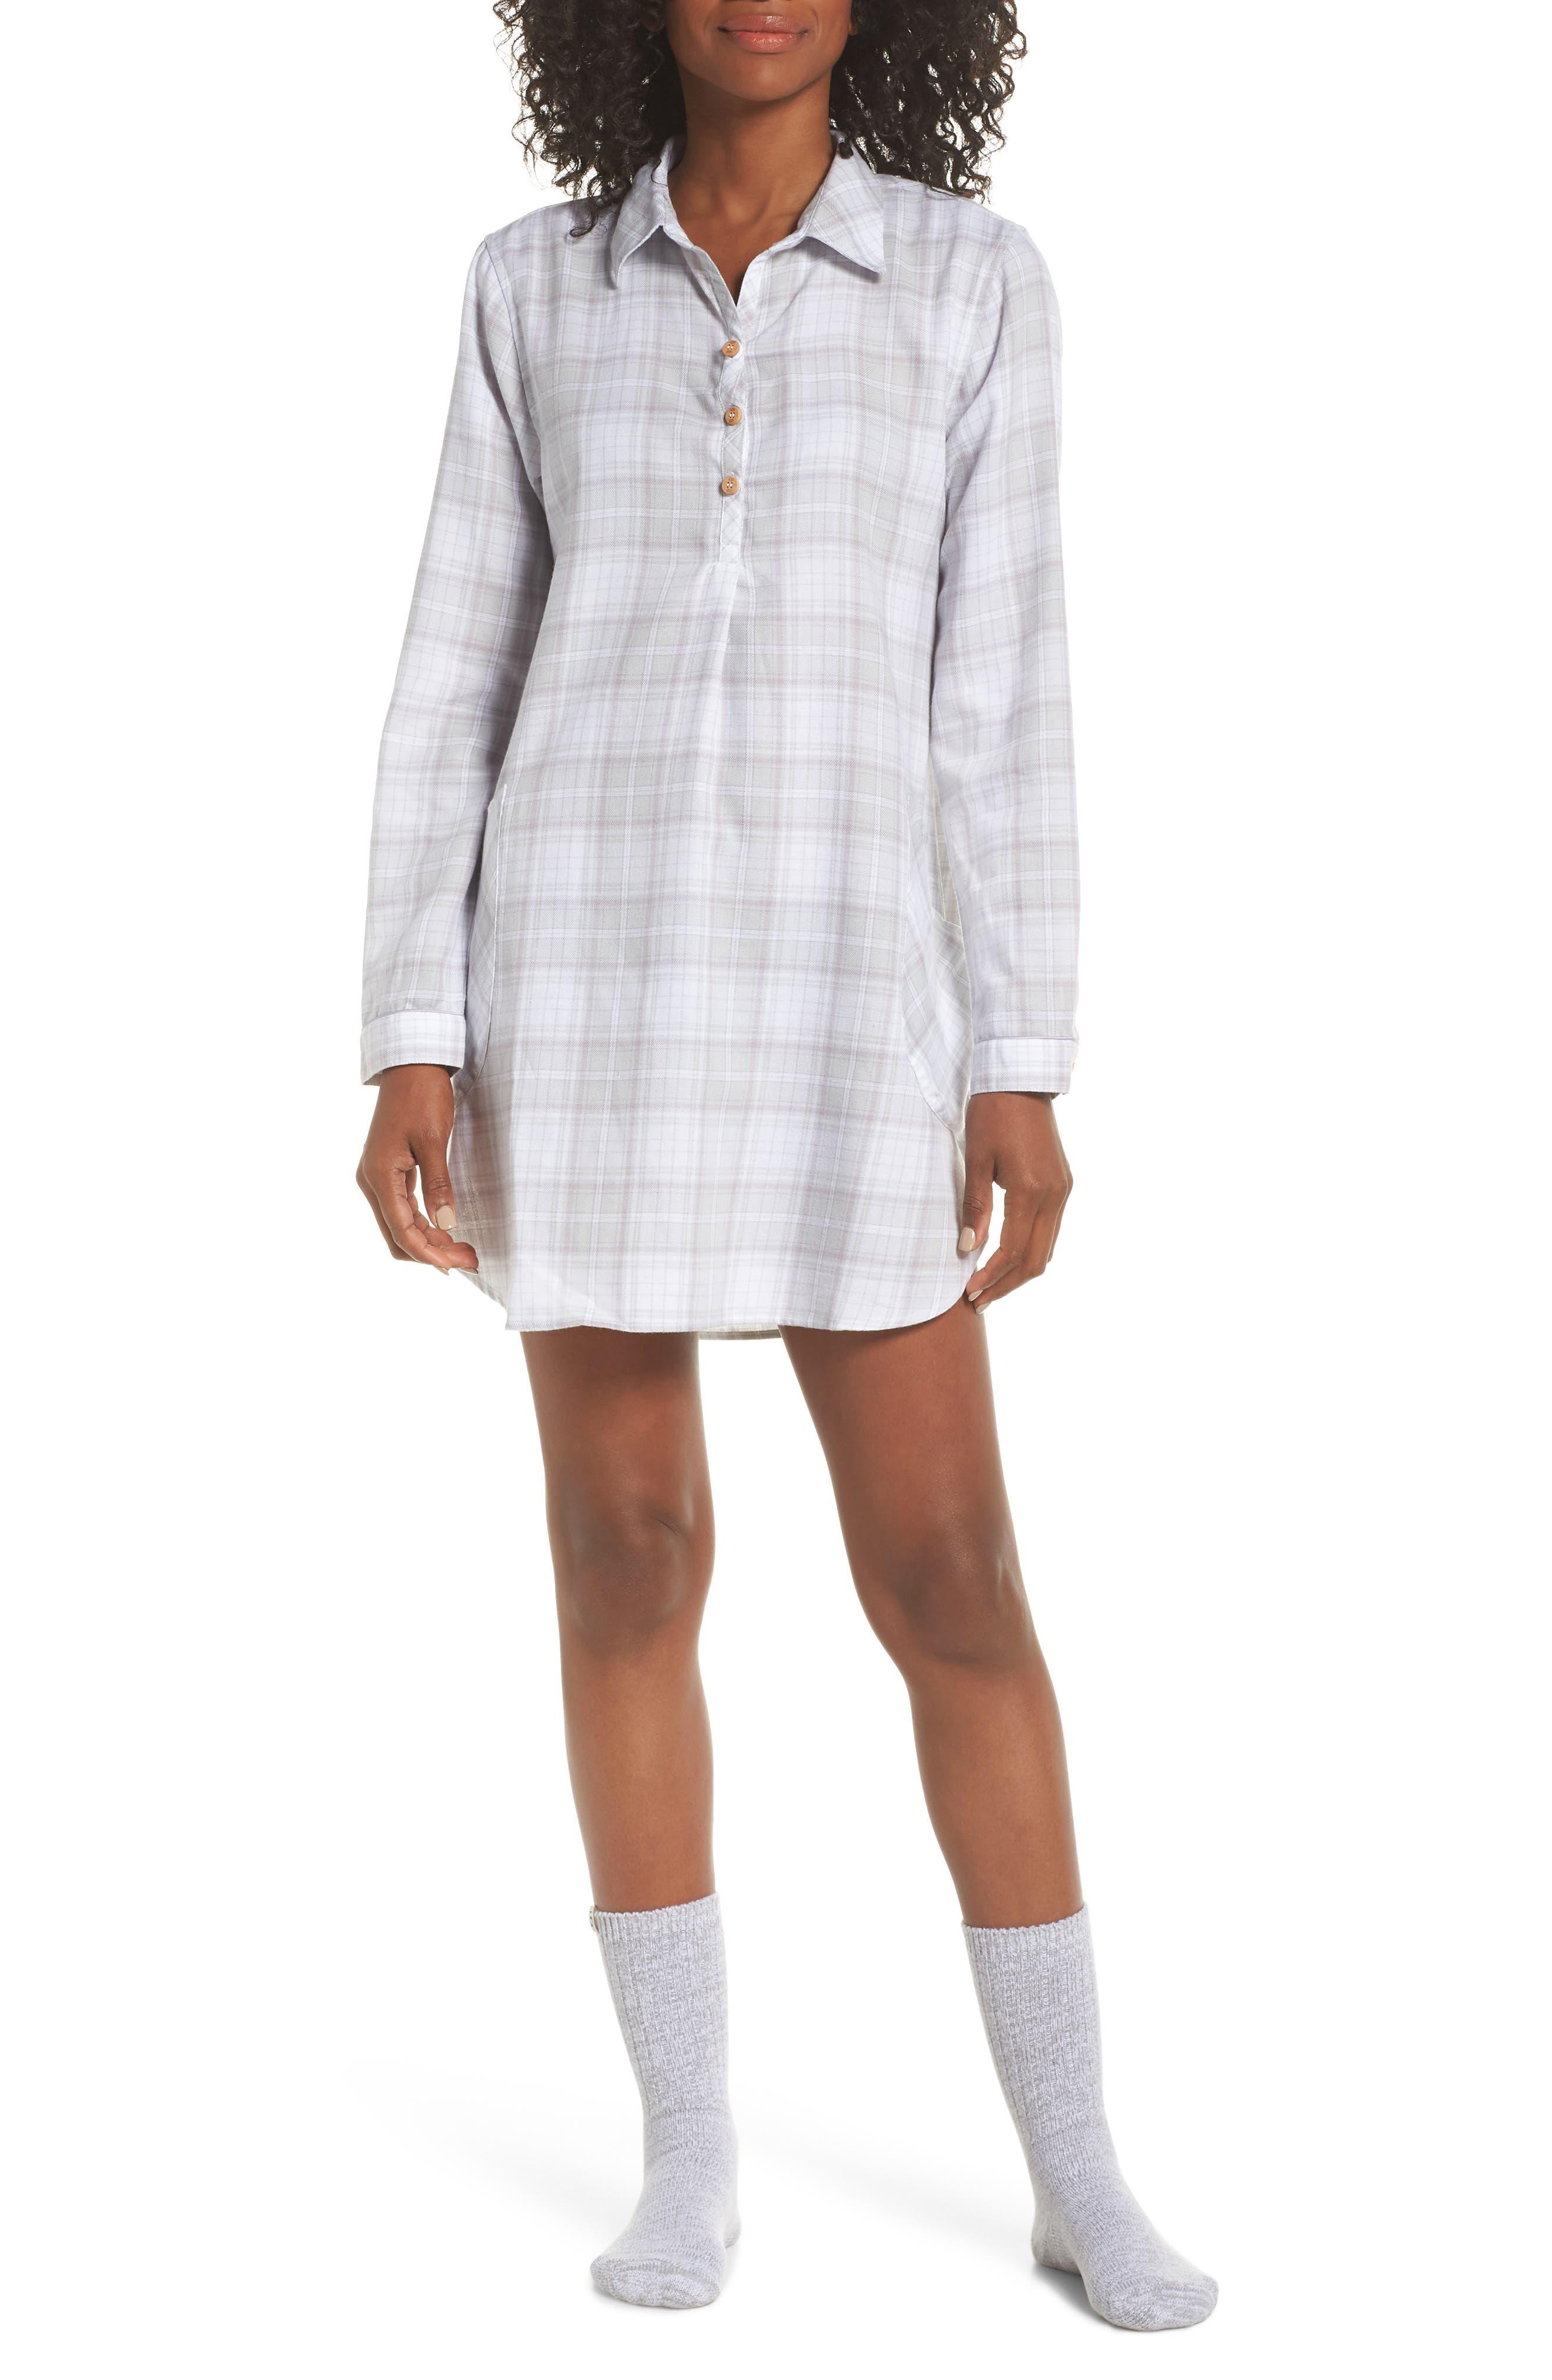 Sleep Shirt & Socks Set,                         Main,                         color, LAVENDER AURA PLAID